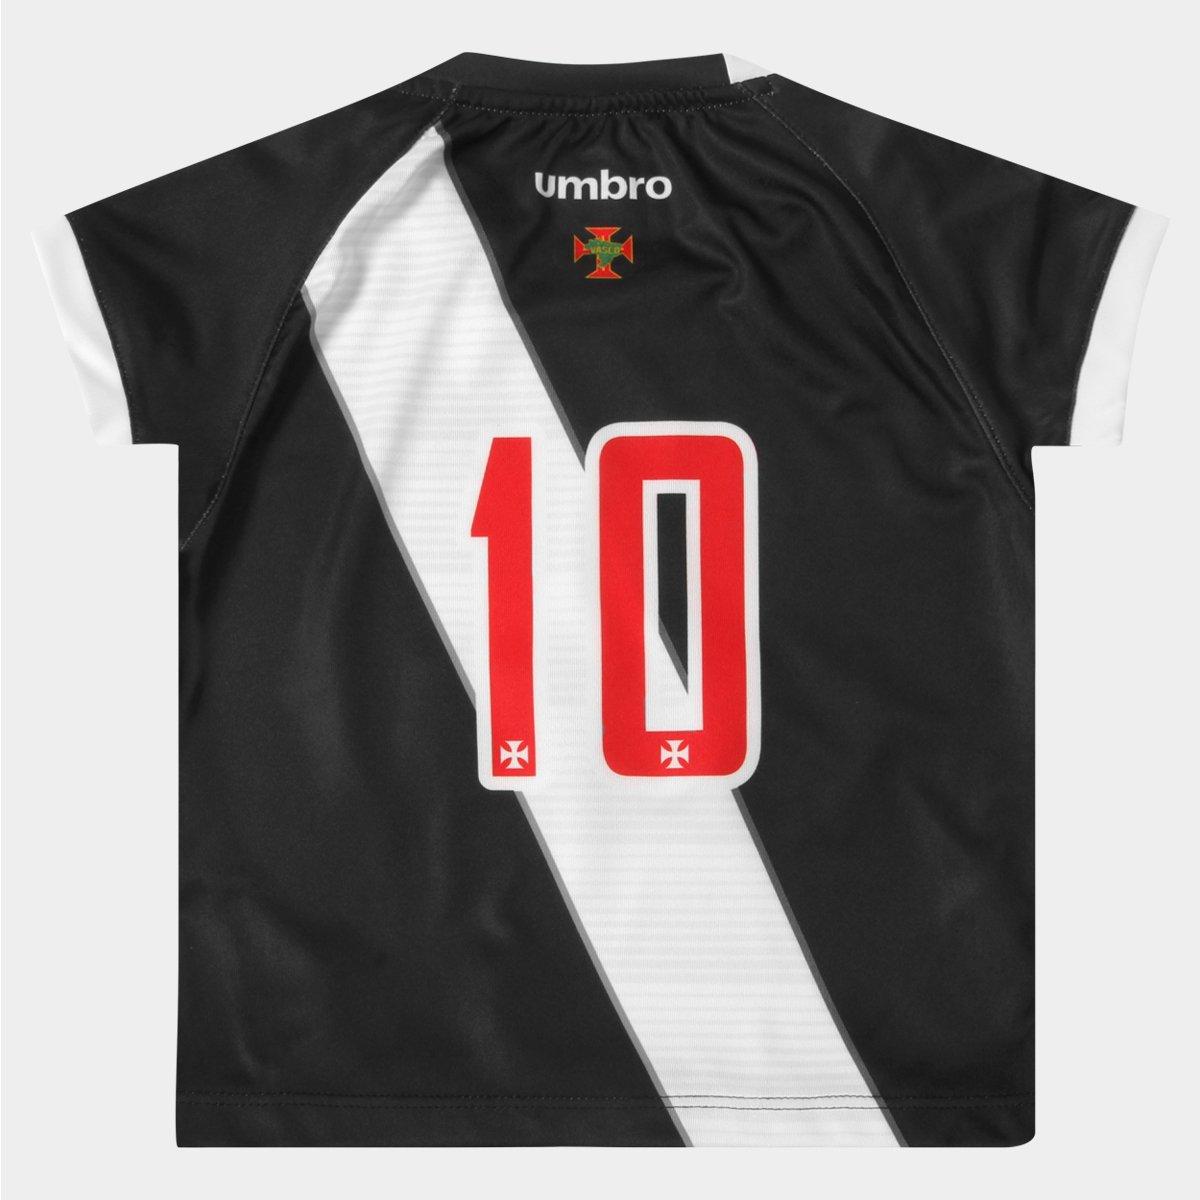 Camisa Umbro Vasco I 16 17 nº 10 Infantil - Compre Agora  0239ed72e1efa